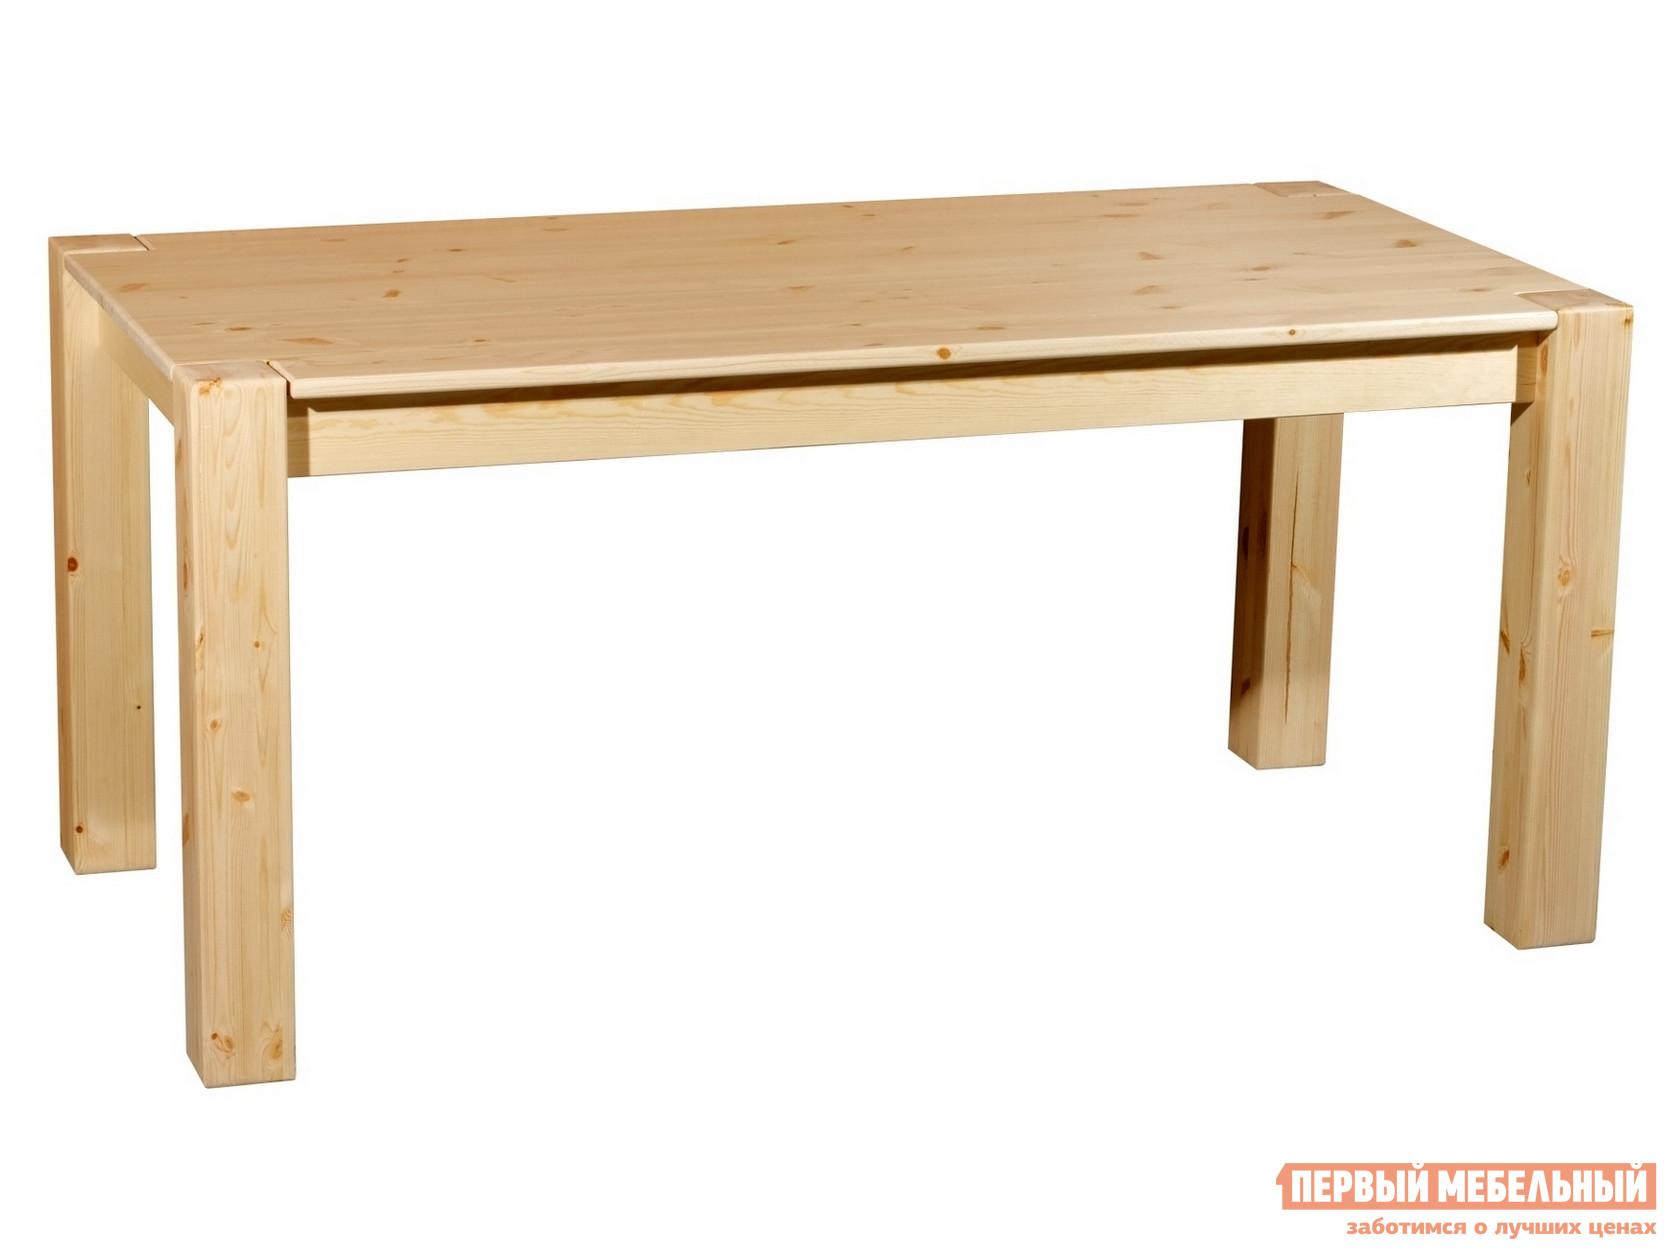 Кухонный стол Timberica Стол обеденный Брамминг